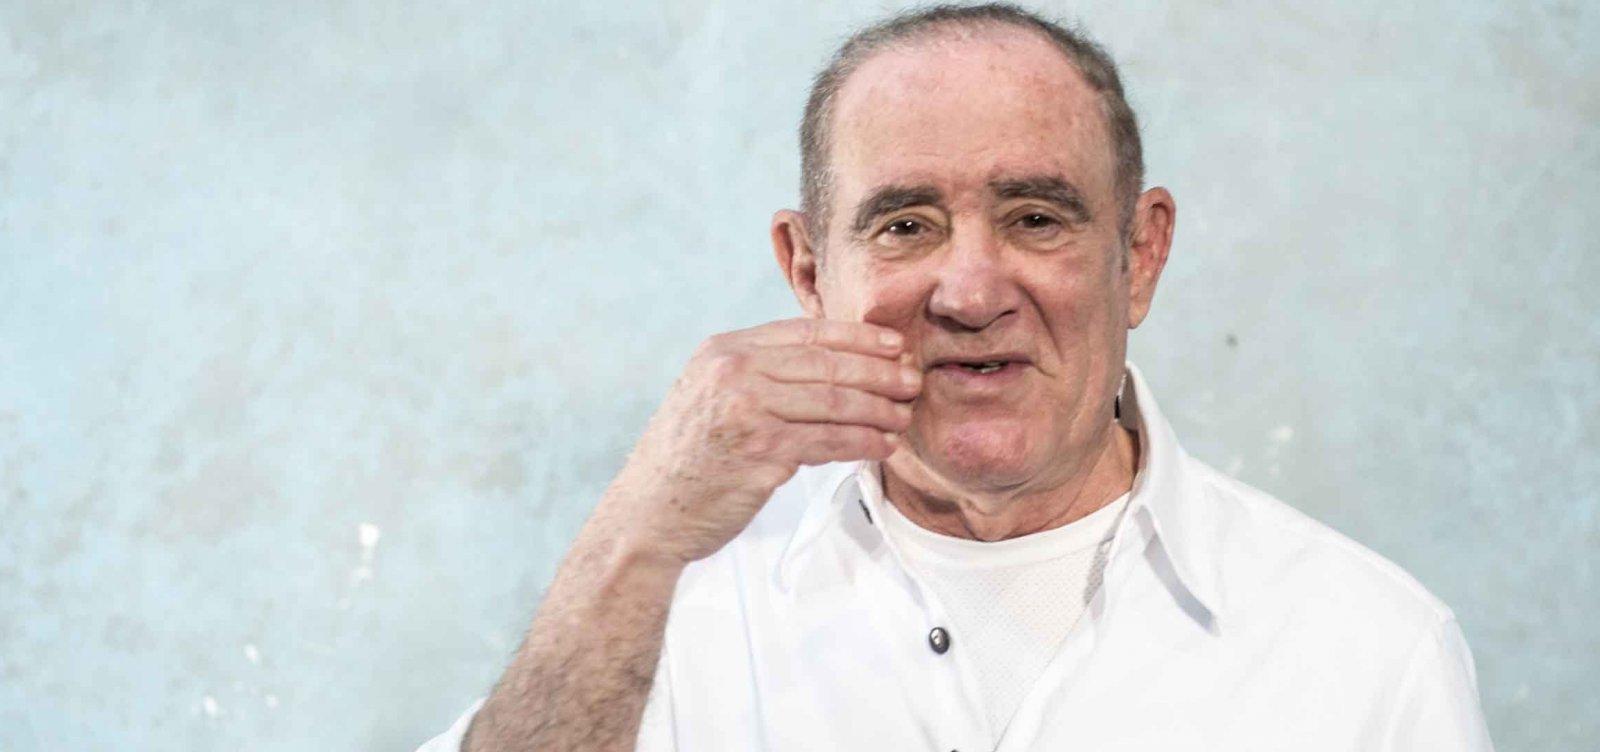 [Renato Aragão deixa Rede Globo após 44 anos: 'Fiz muita coisa']